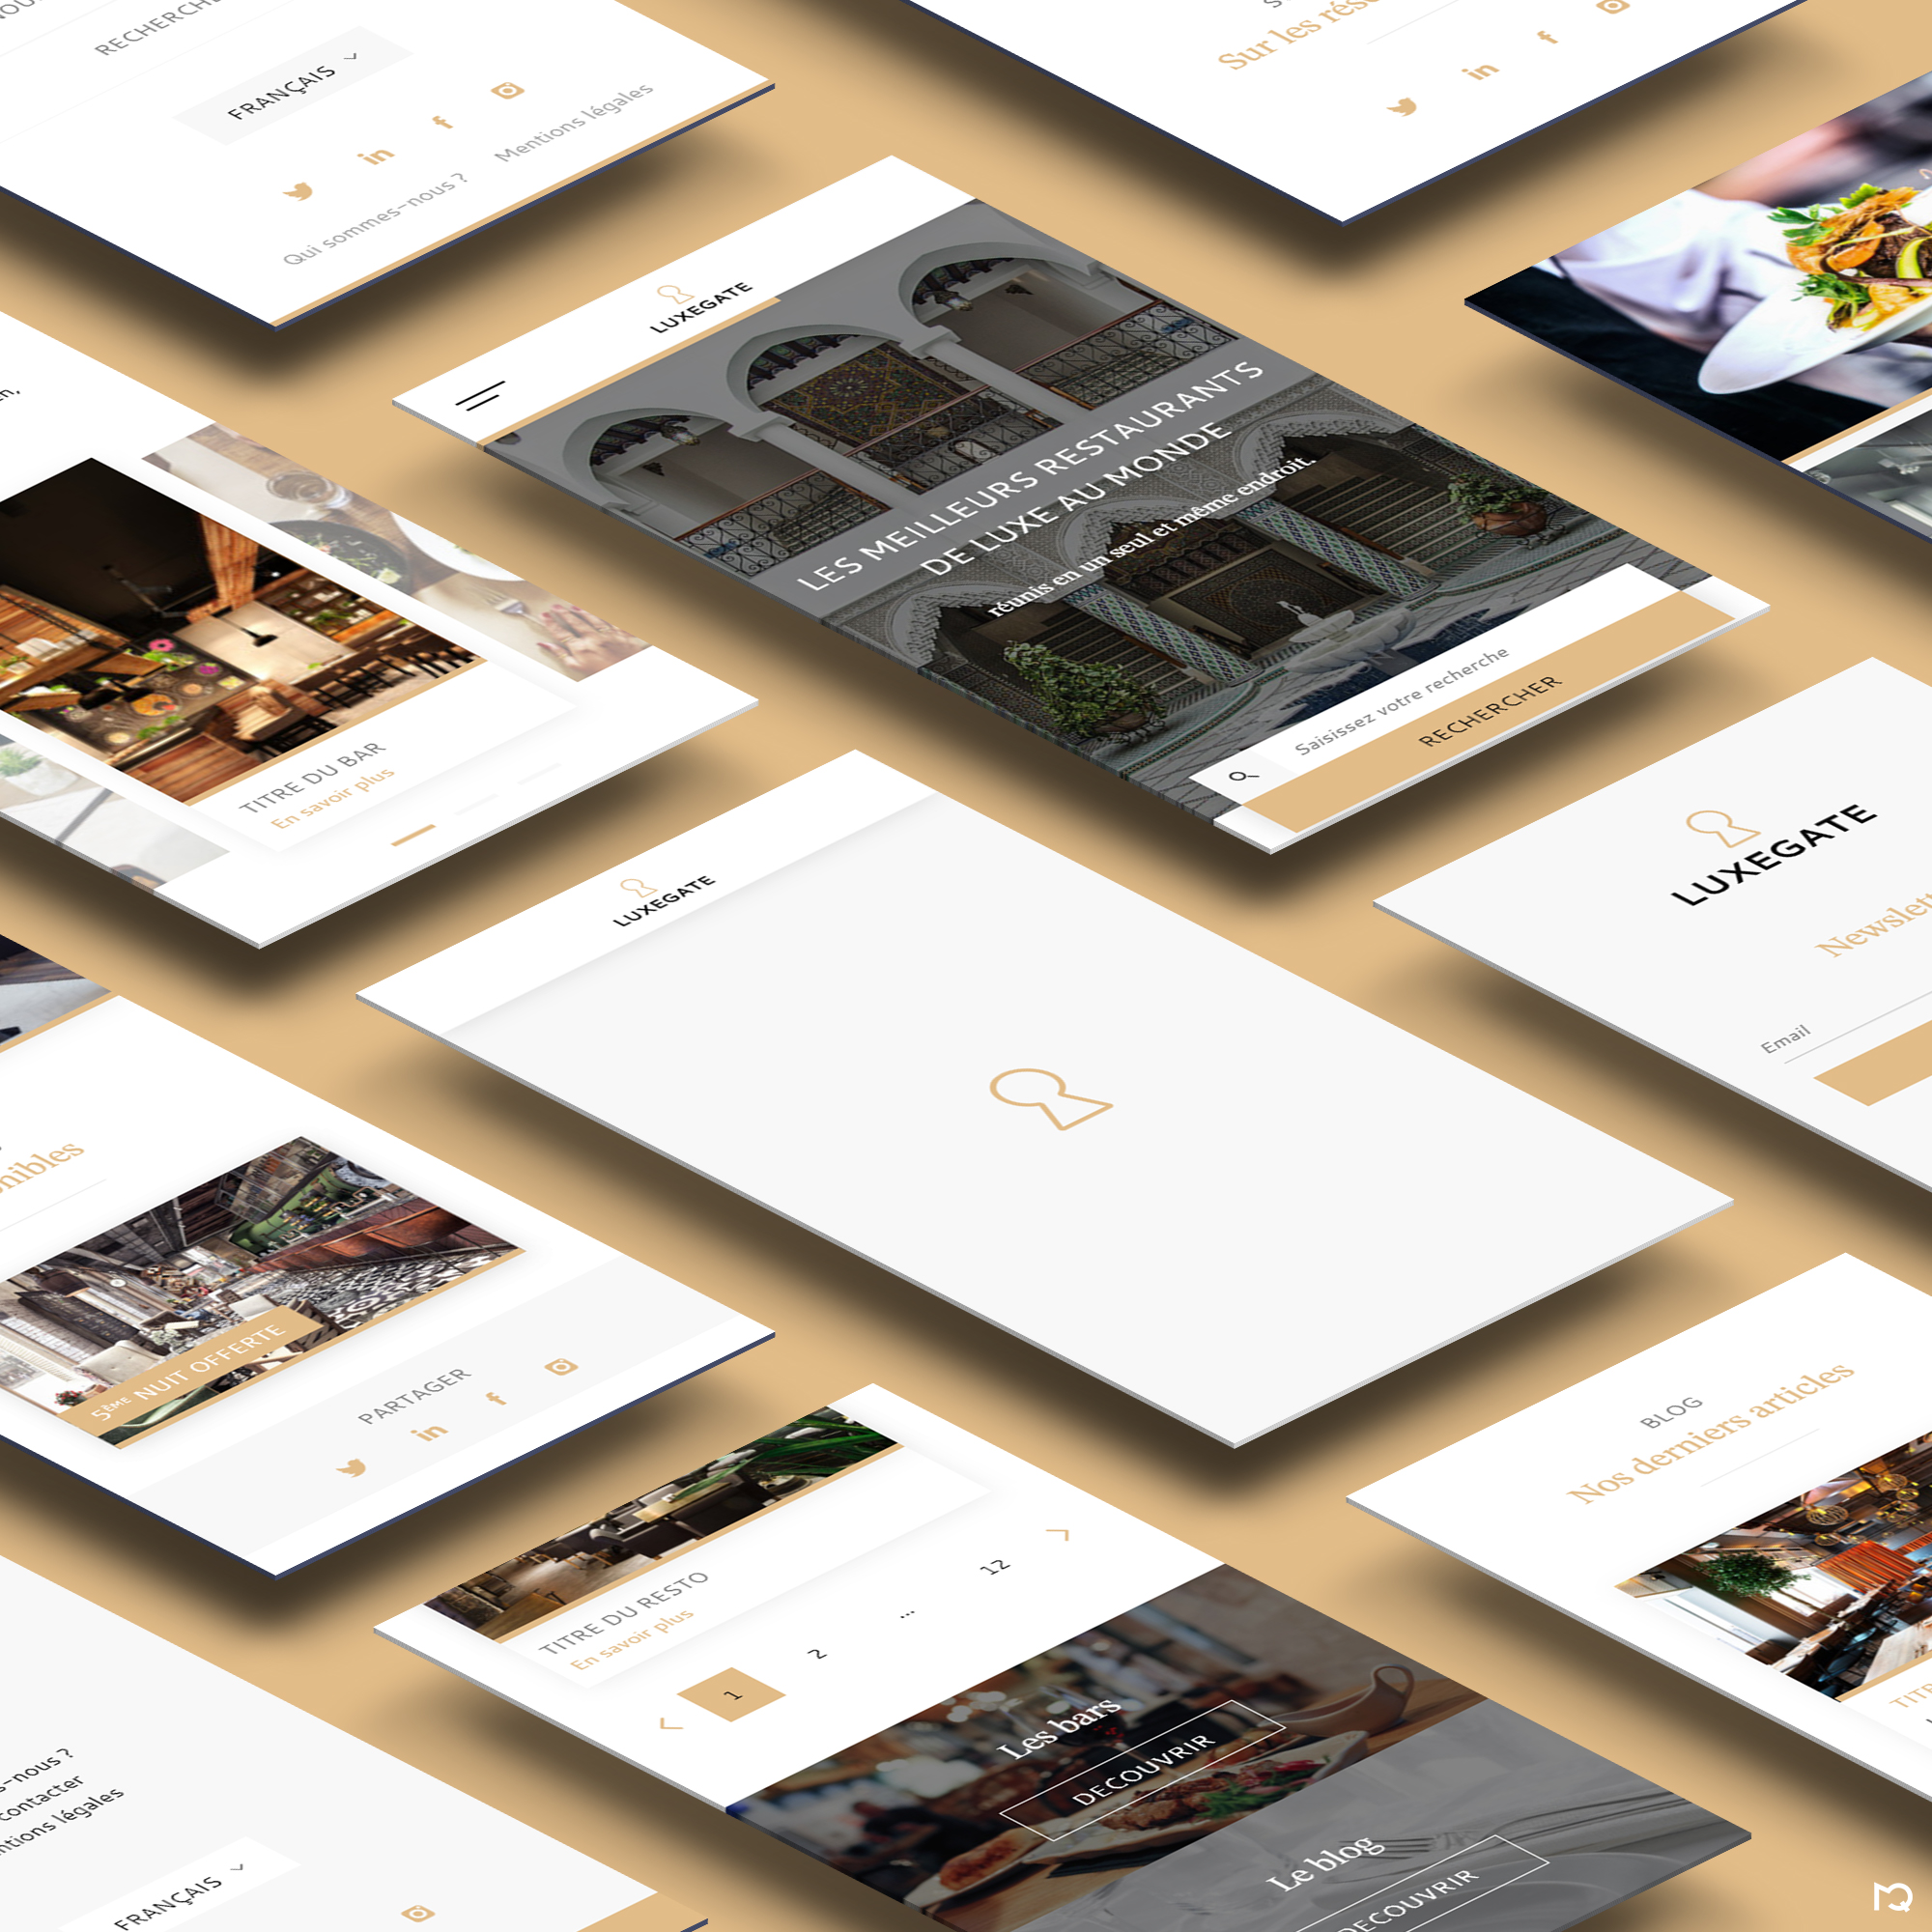 Maquettes LuxeGate sur mobile